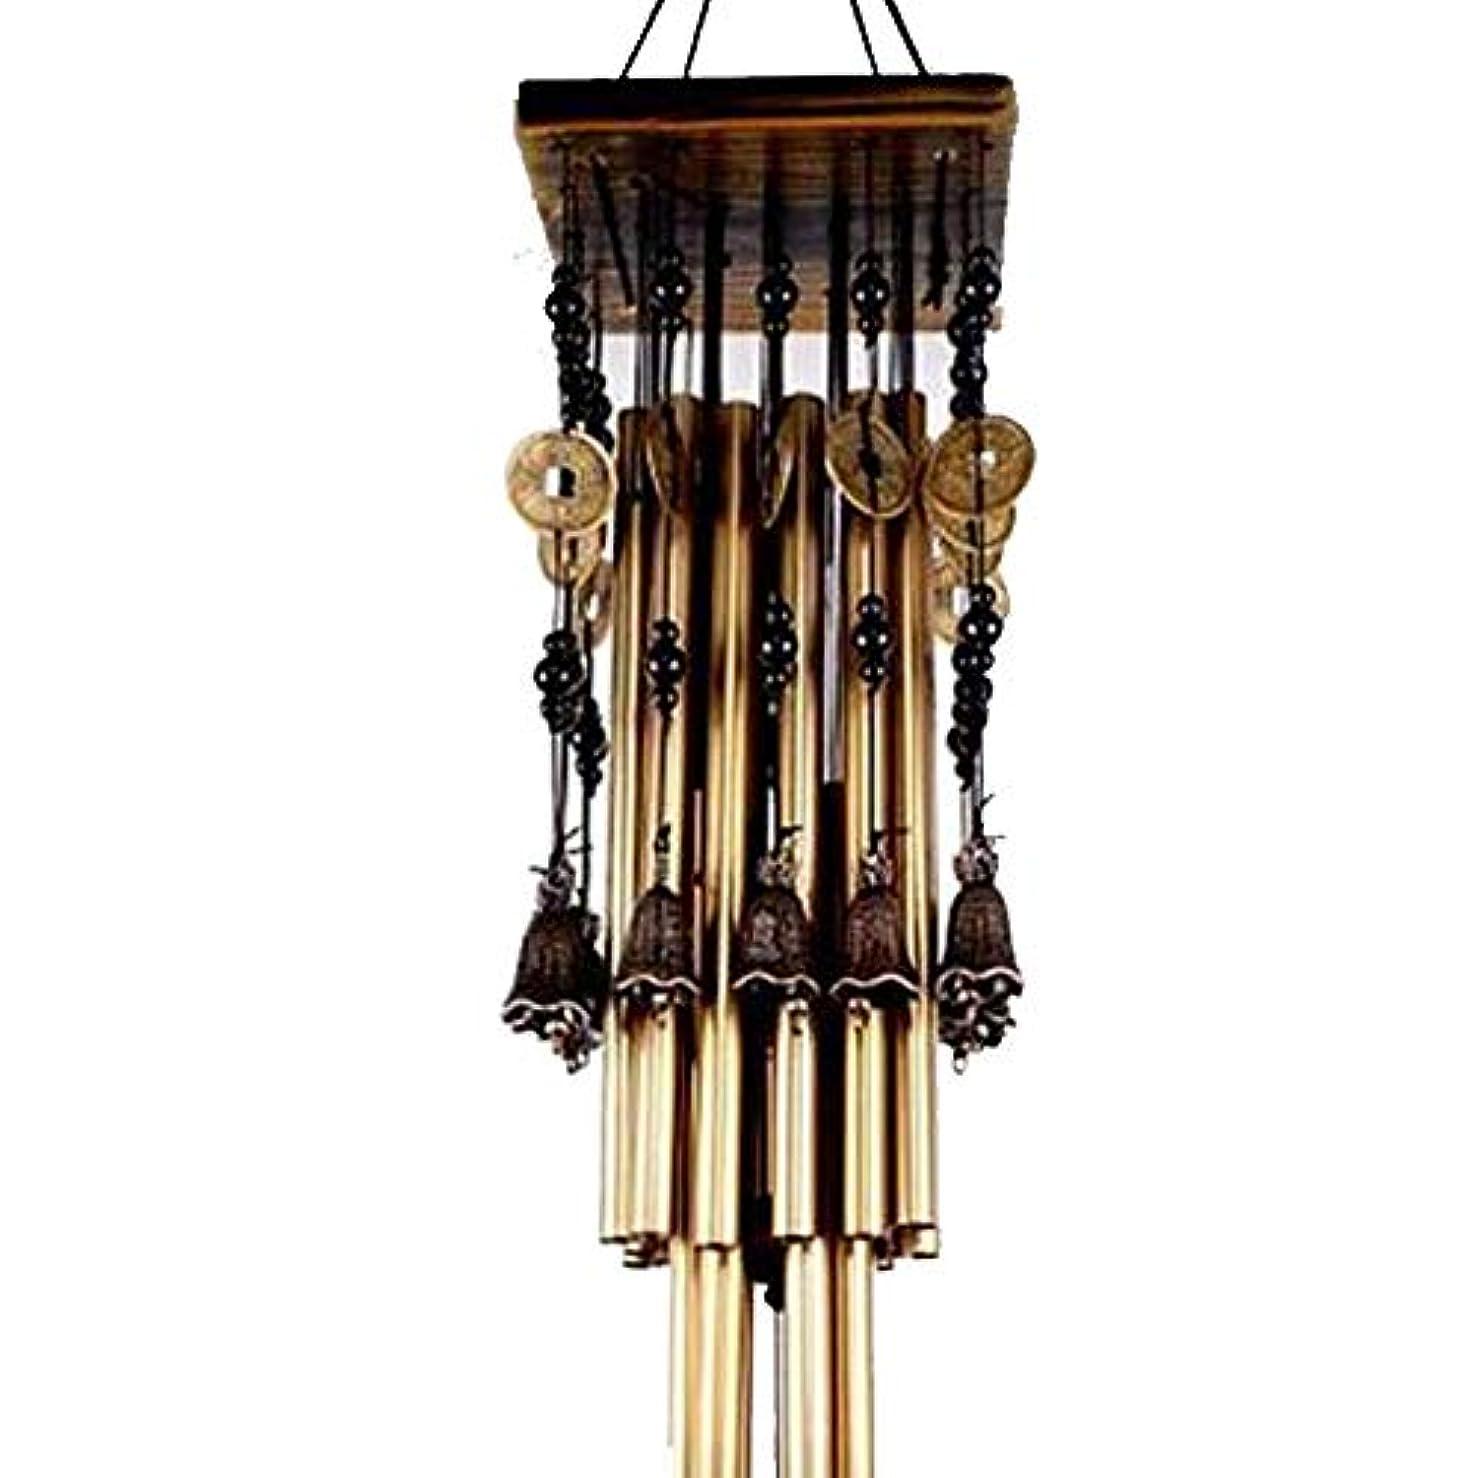 建設水を飲む勤勉Youshangshipin 風チャイム、メタルホームペンダント風の鐘、ゴールド、全身について80CM,美しいギフトボックス (Color : D)